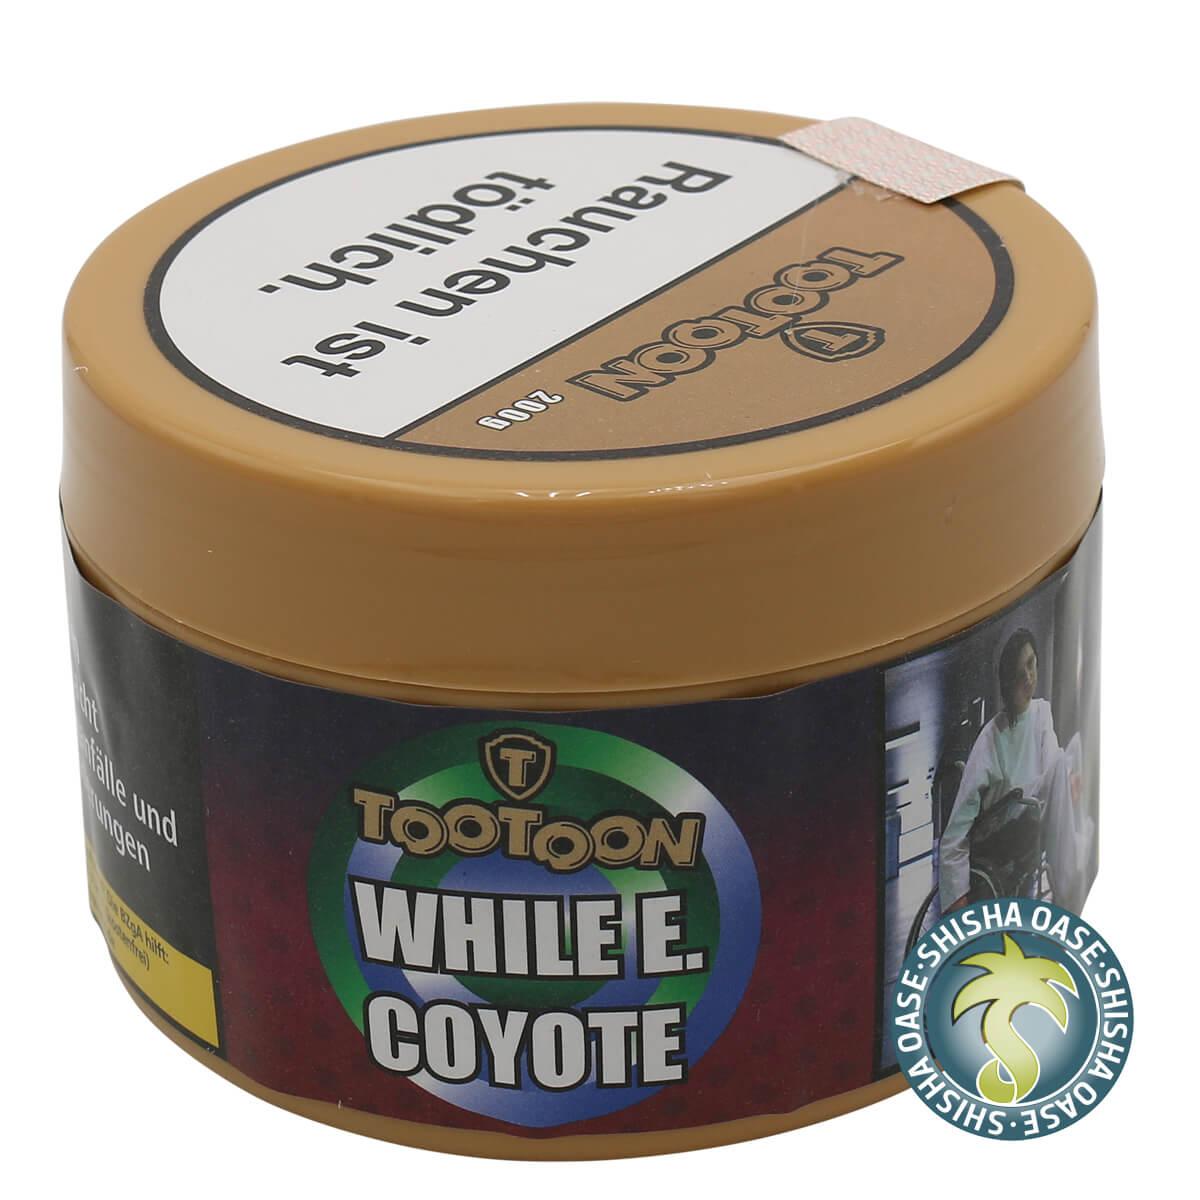 Too Toon Tabak 200g | While E Coyote